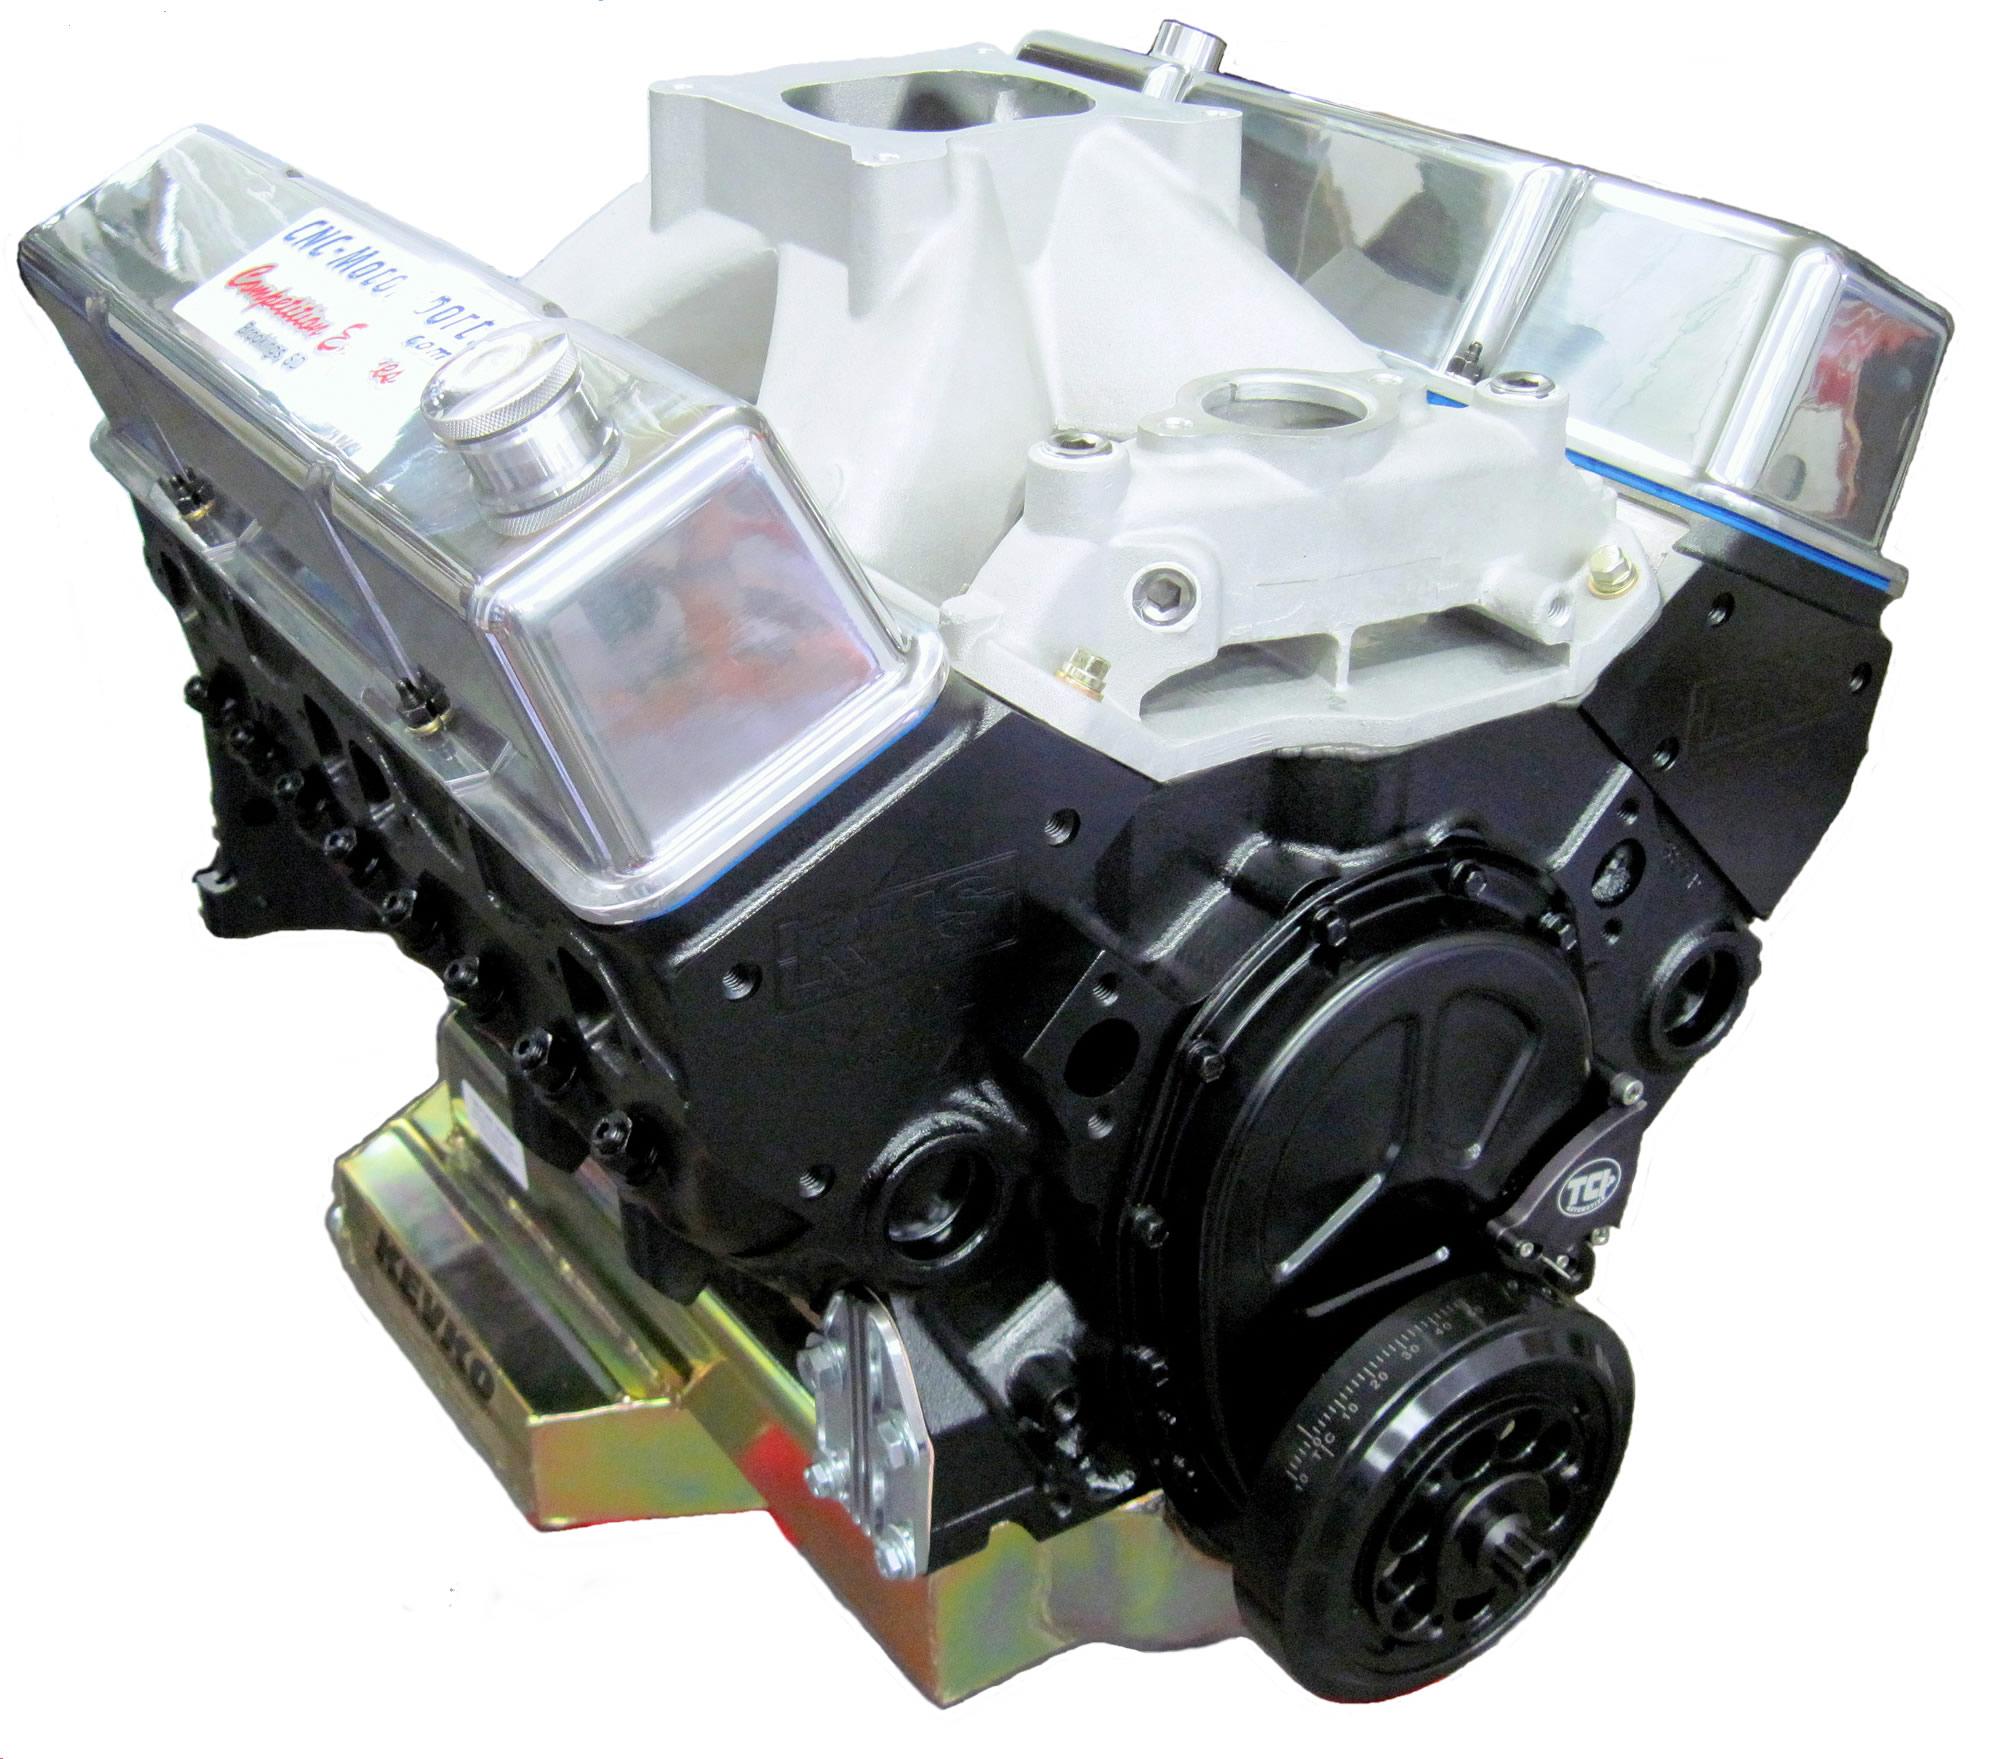 USRA Engines